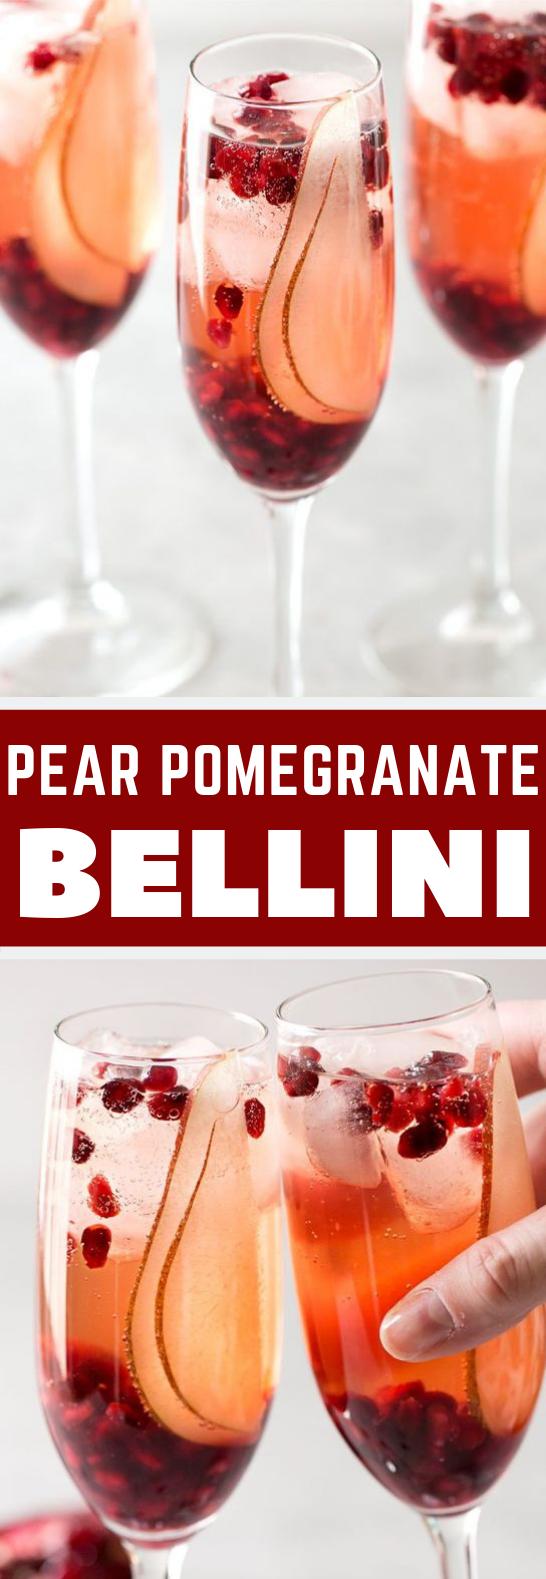 PEAR POMEGRANATE BELLINI #Drink #EasyRecipe